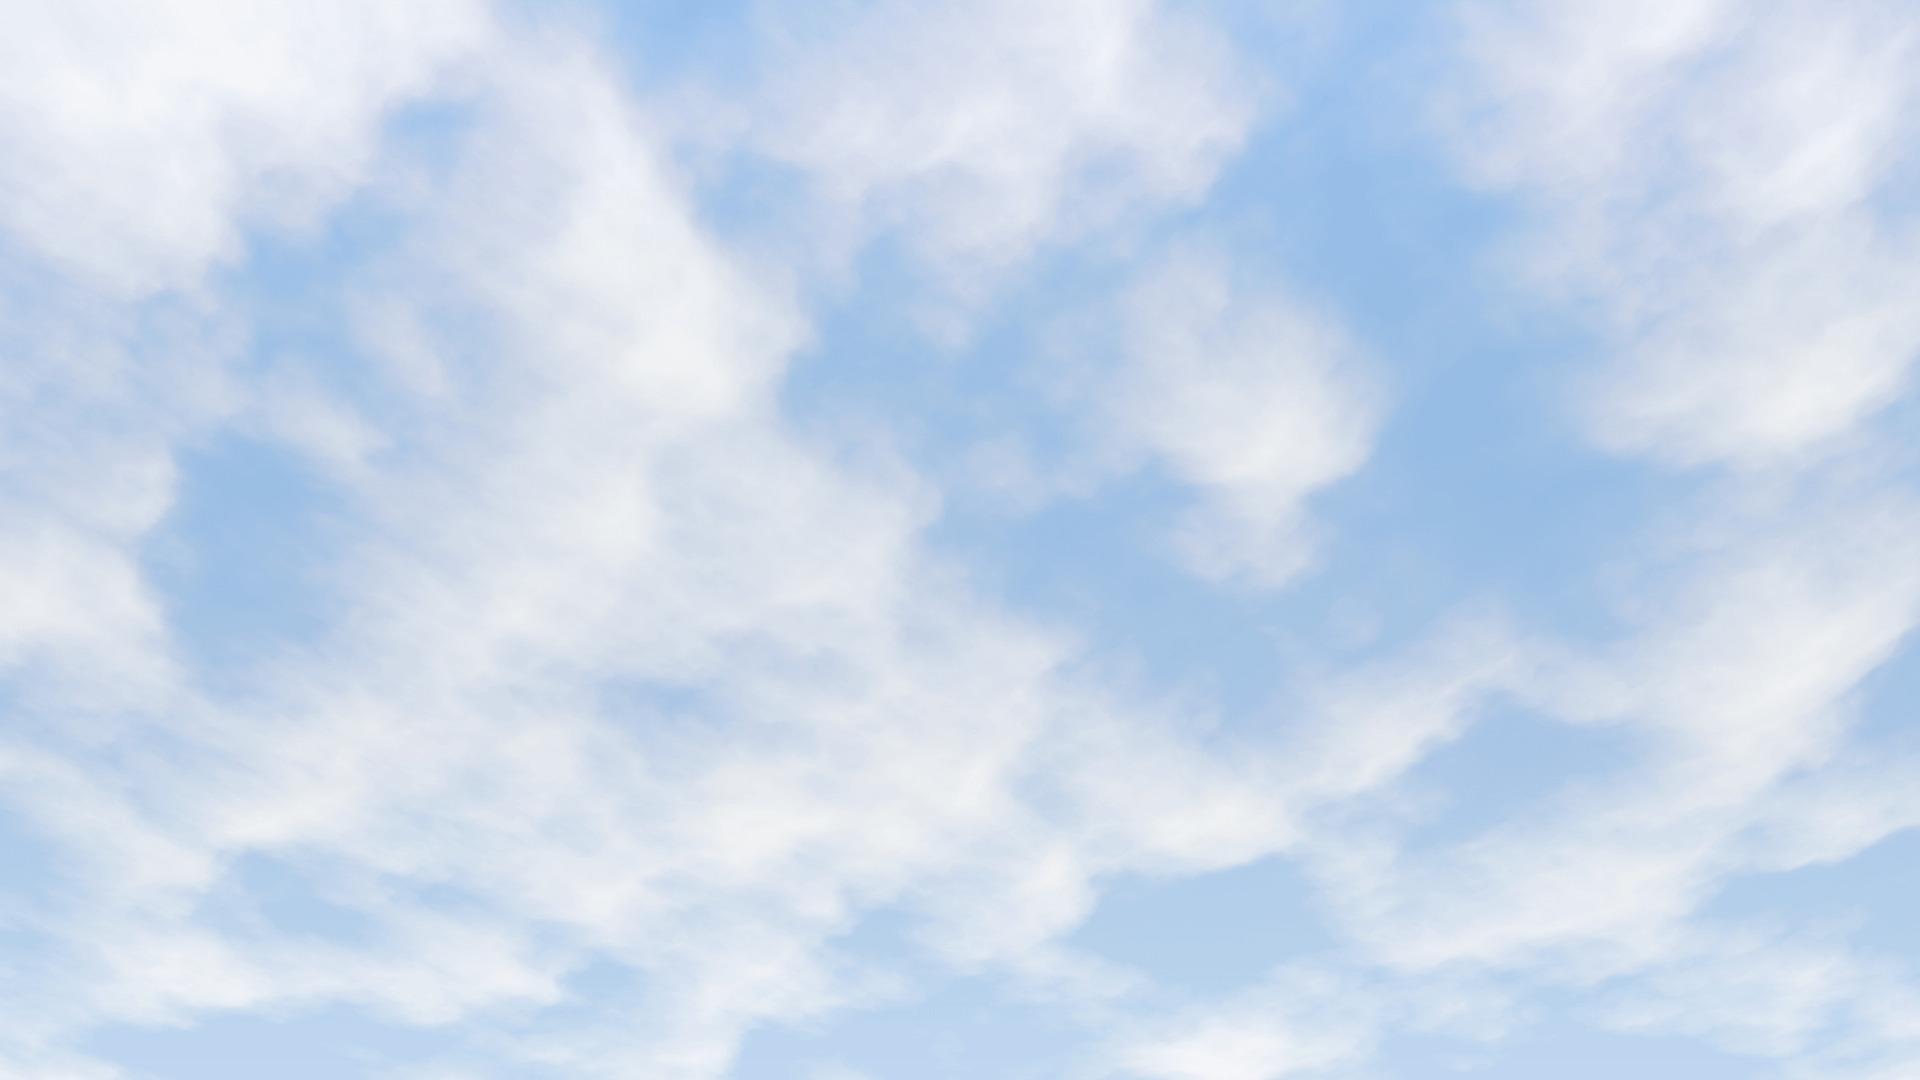 雲模様 壁紙背景画像_kumo1-min